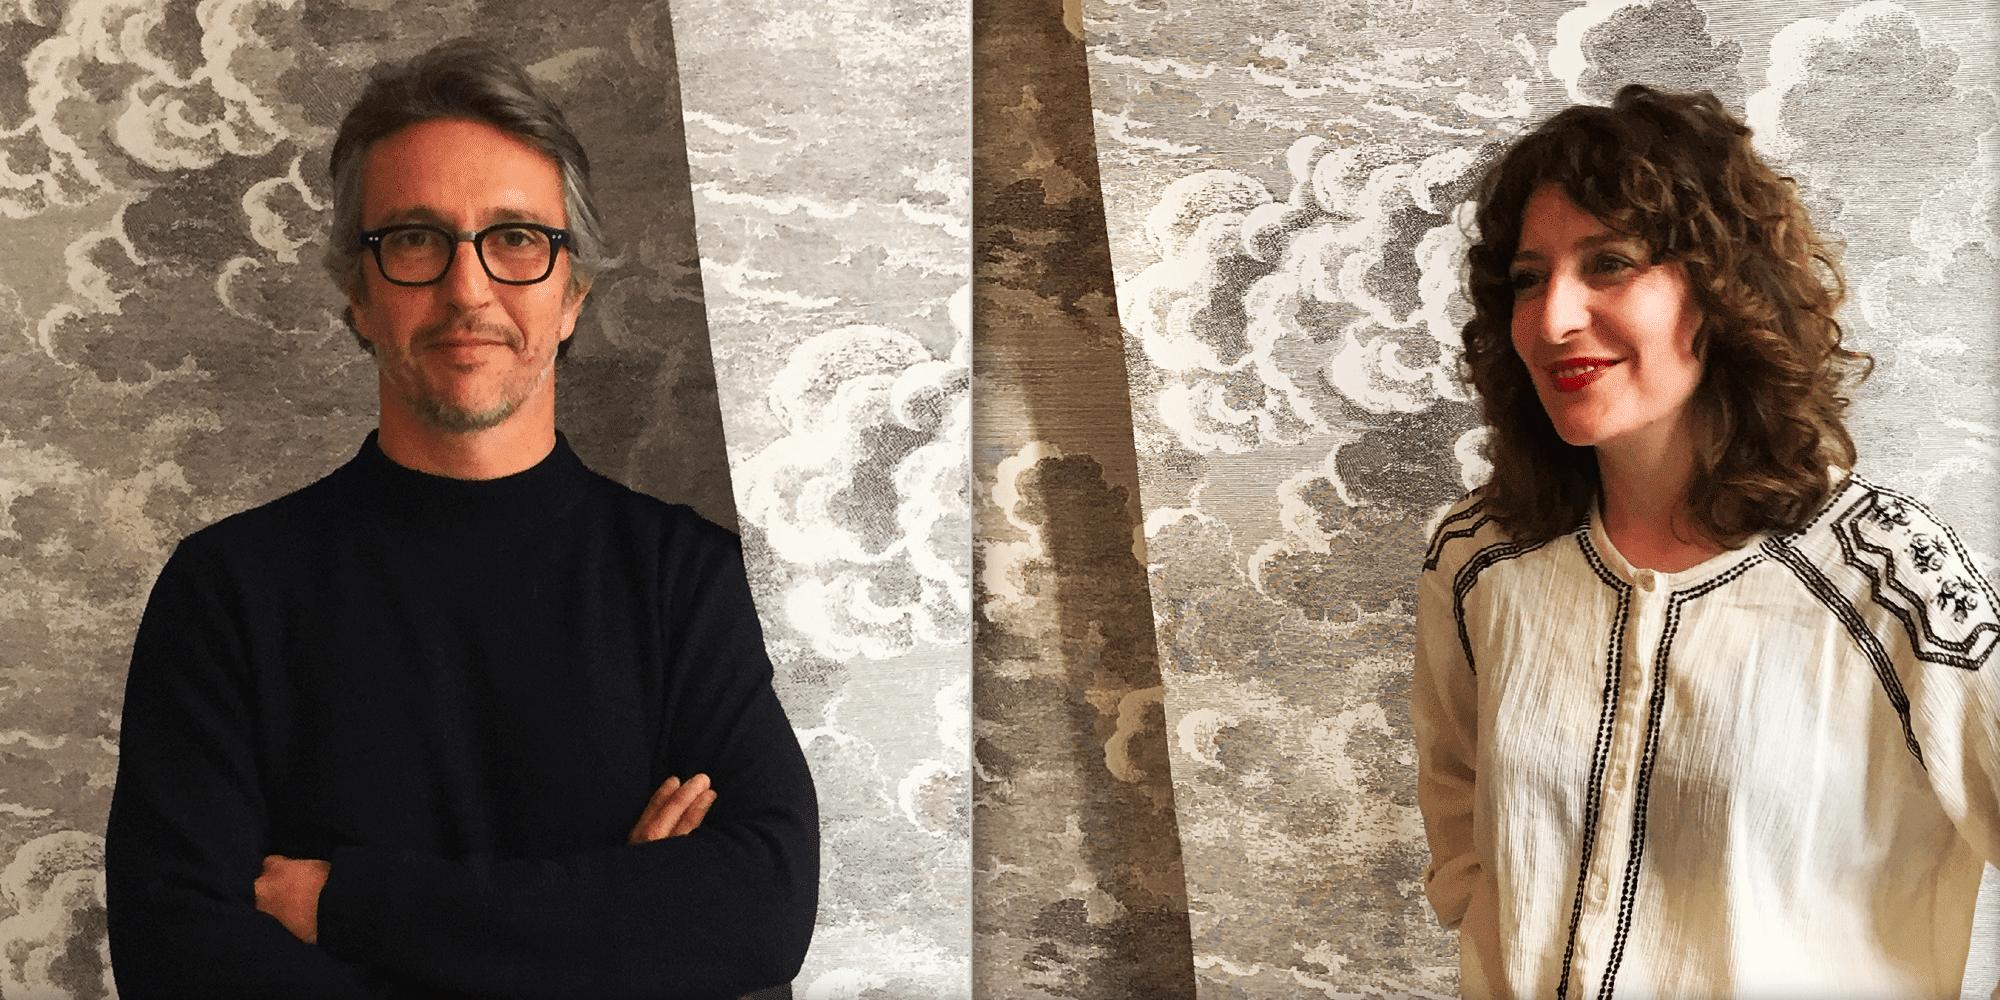 Marc Le Pitre (Fondateur - Atelier Lum) & Marielle Dubois (DA)